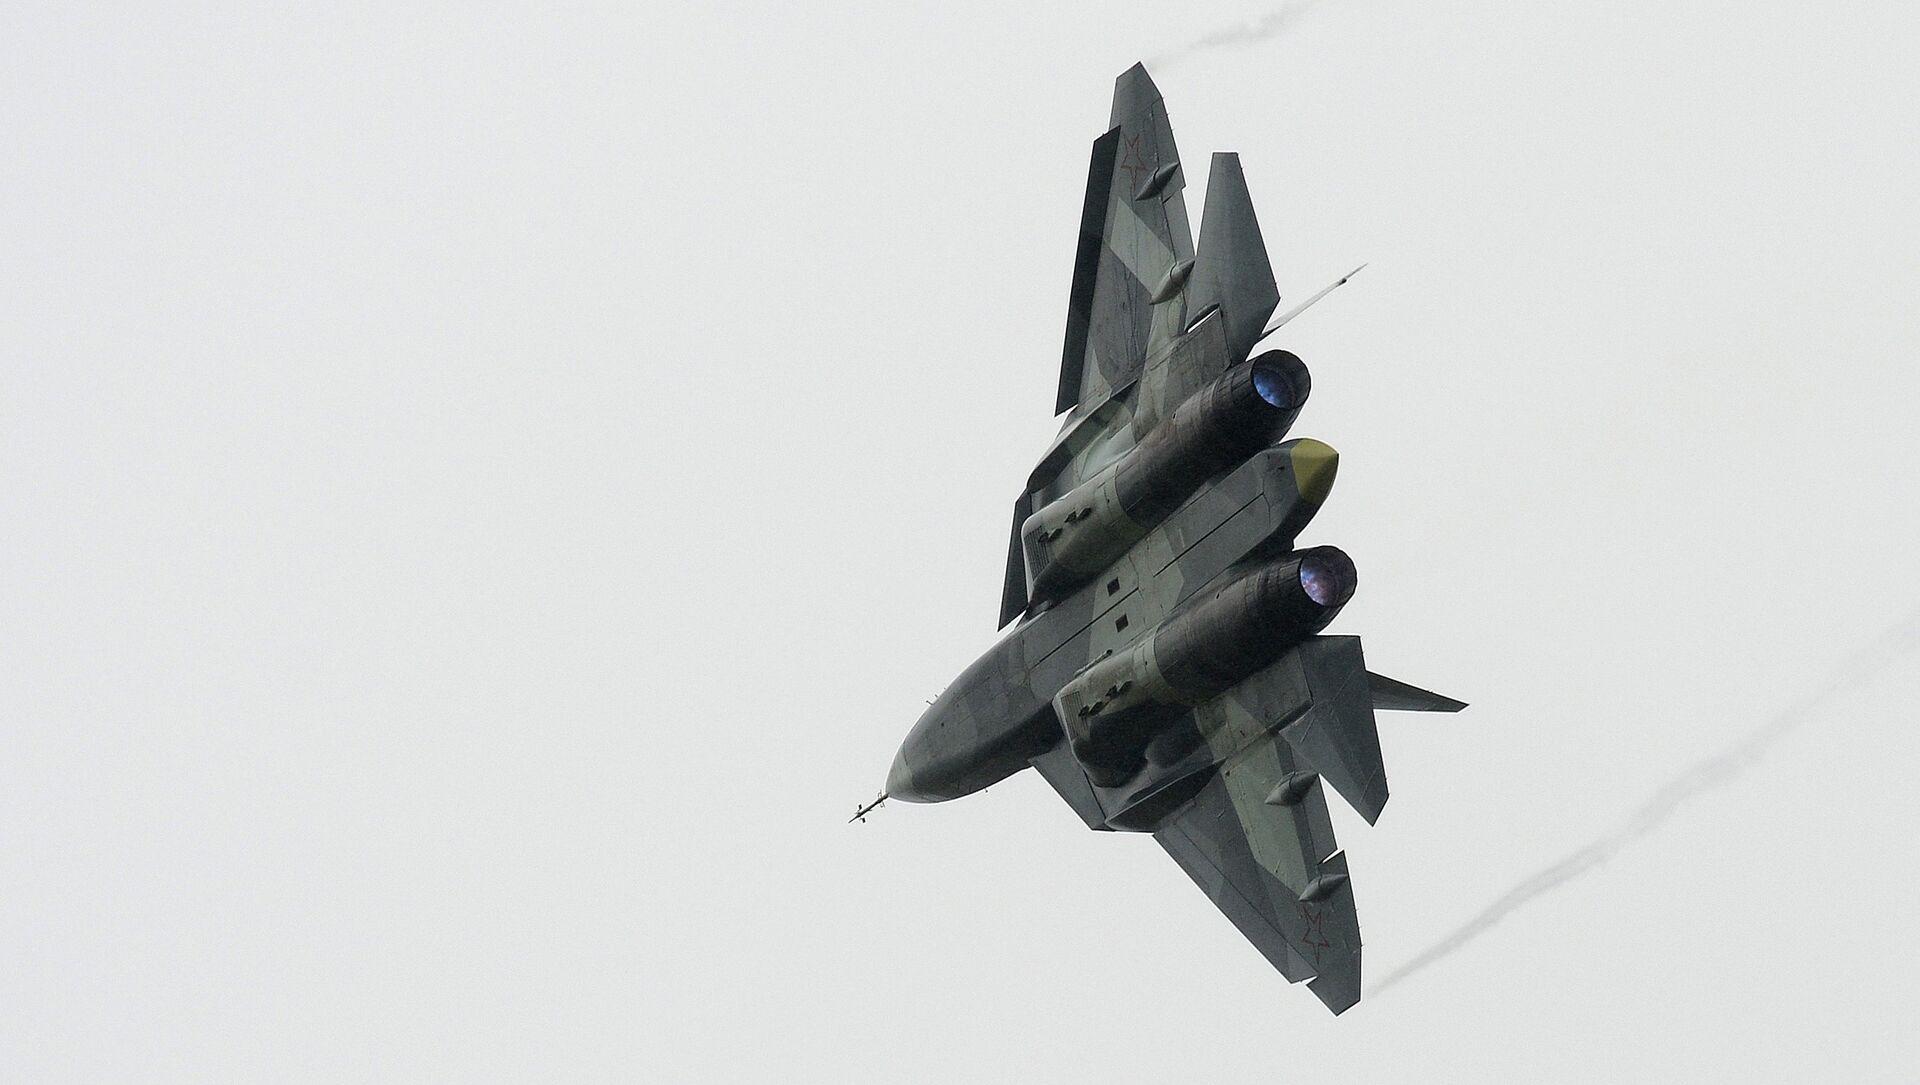 Rus Su-57 avcı uçağı - Sputnik Türkiye, 1920, 15.07.2021